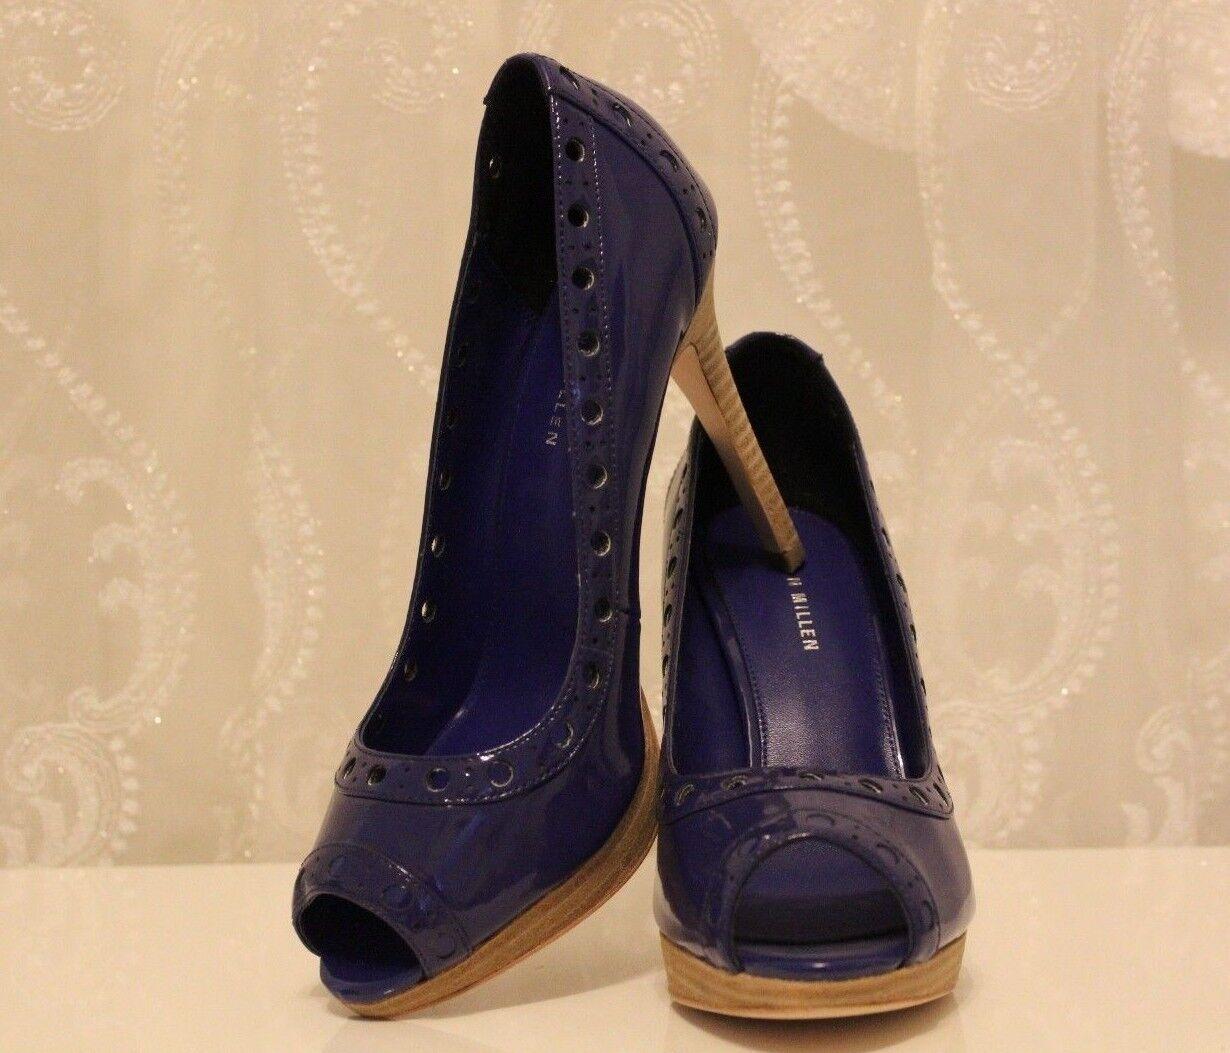 Karen Millen FN030 Cuir Verni Cut Out Peep Toe Bleu Fête Chaussures UK 6 EU 39